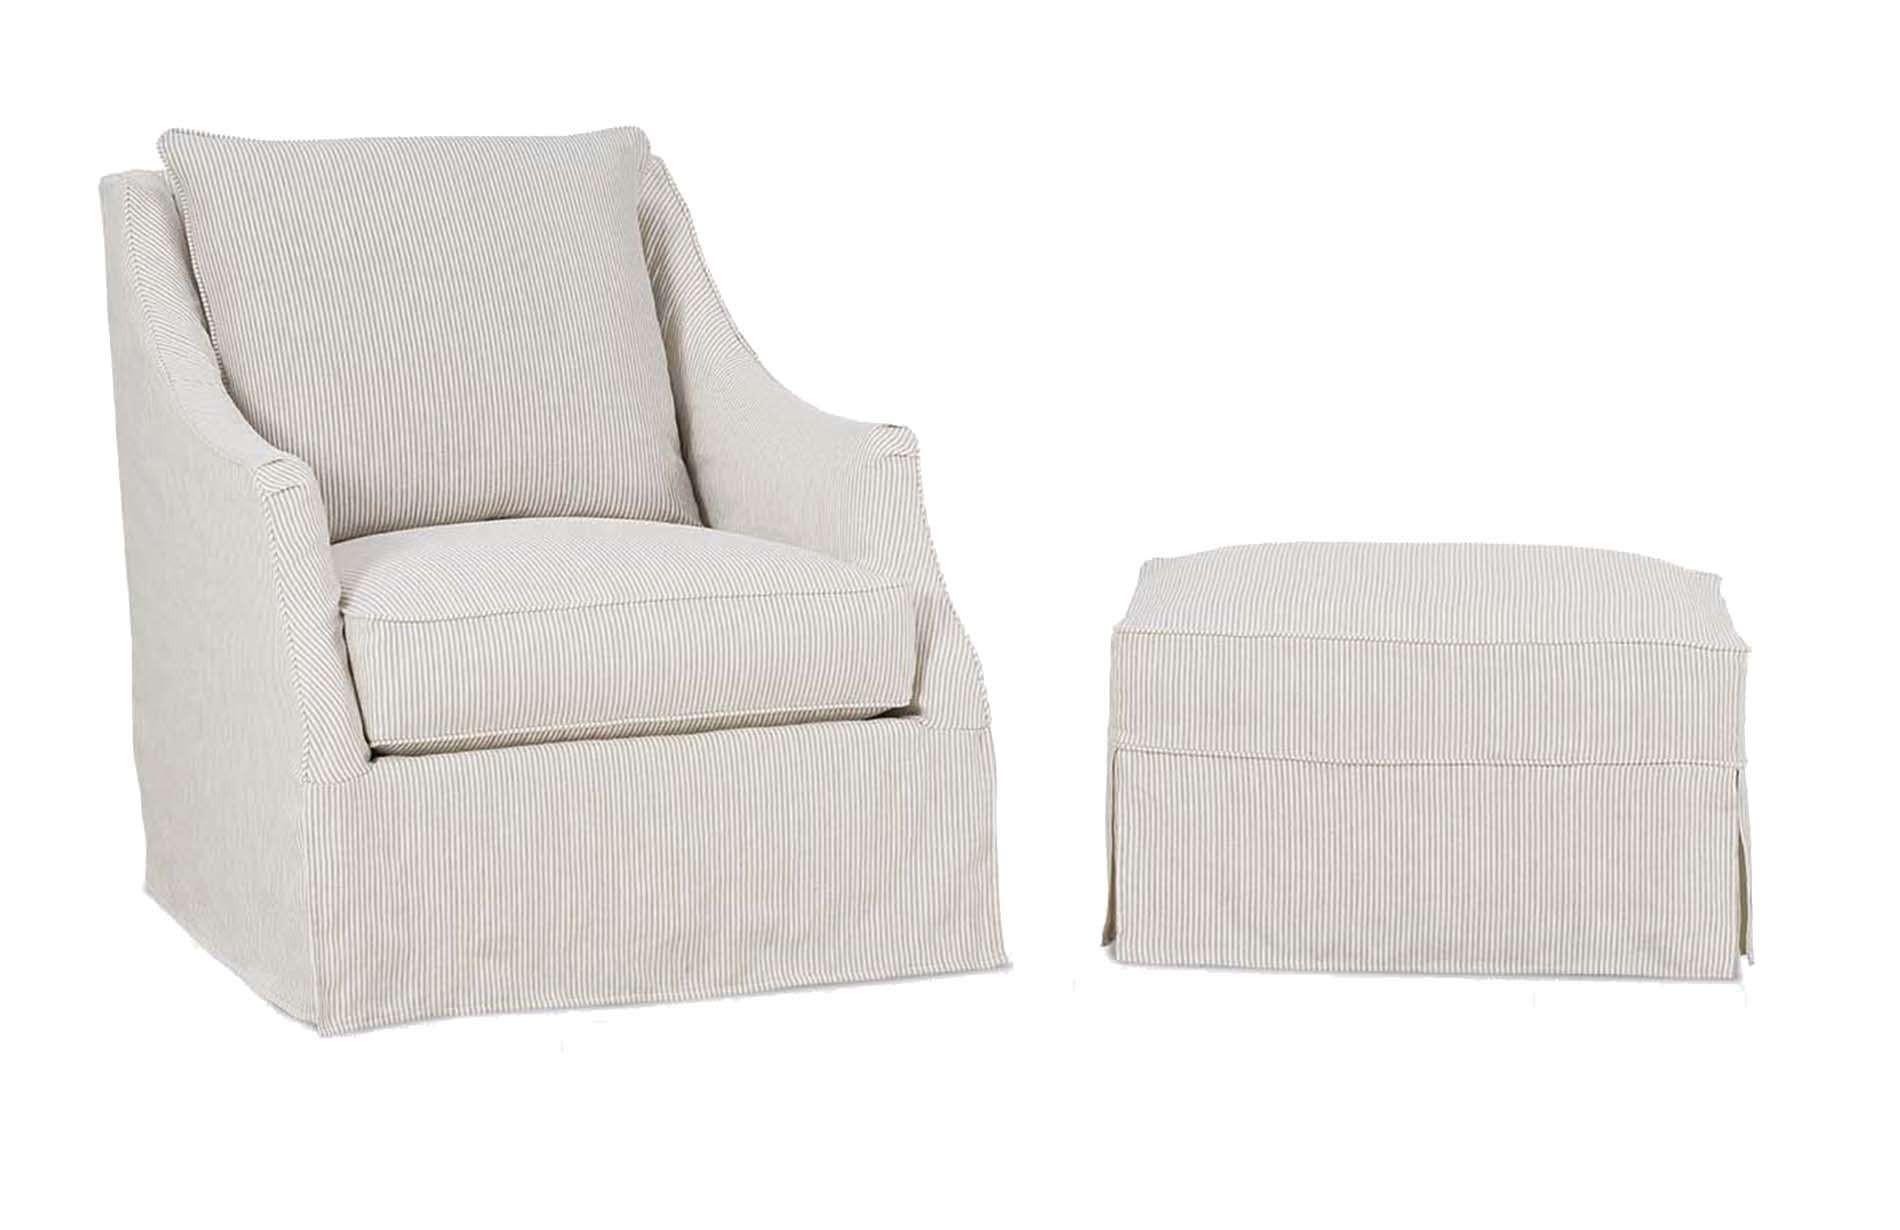 53331 Slipcover Swivel Chair